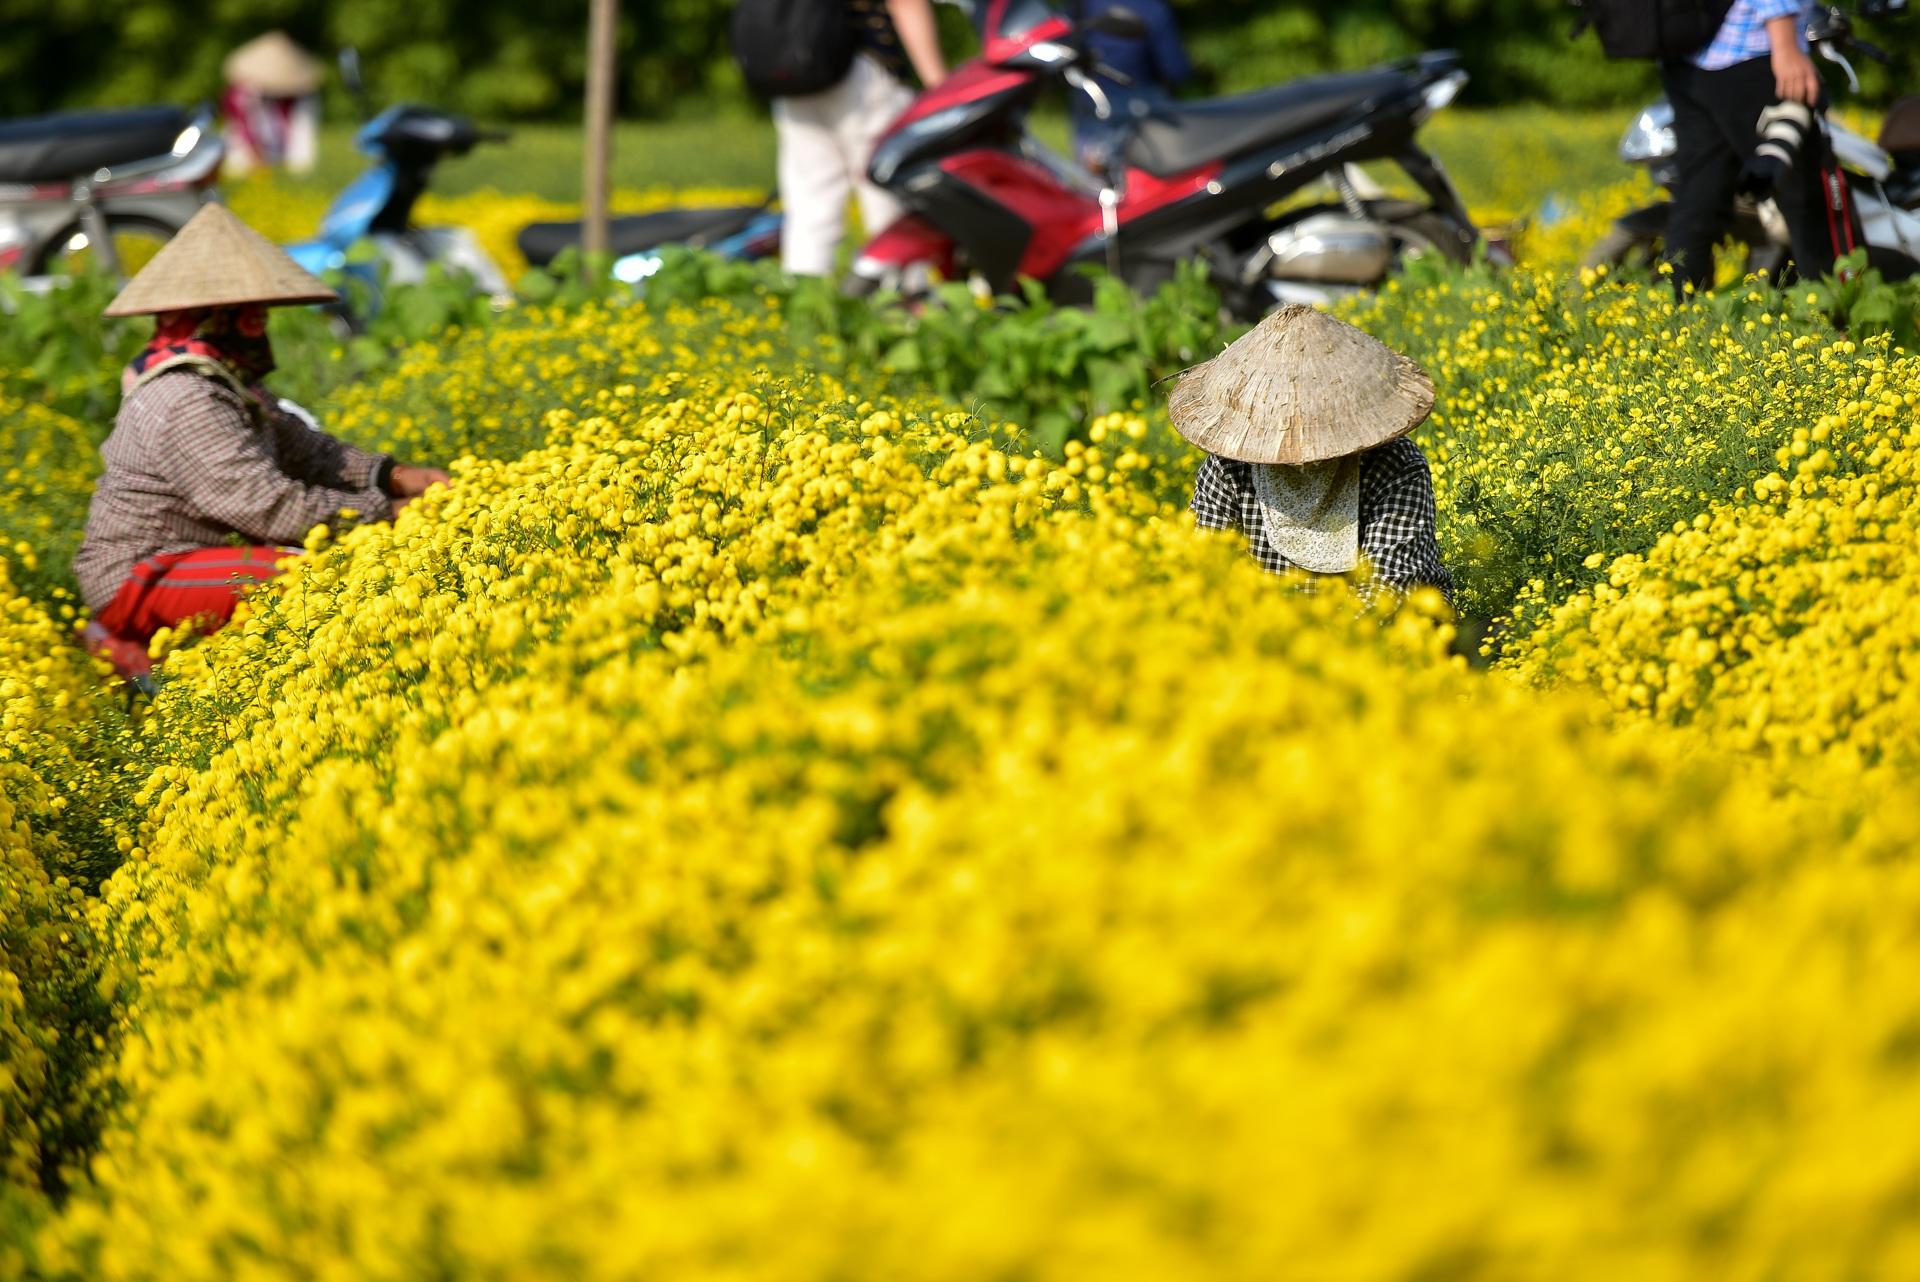 Ngắm cánh đồng cúc tiến vua vàng ruộm mộng mơ tại Nghĩa Trai, Hưng Yên - 10